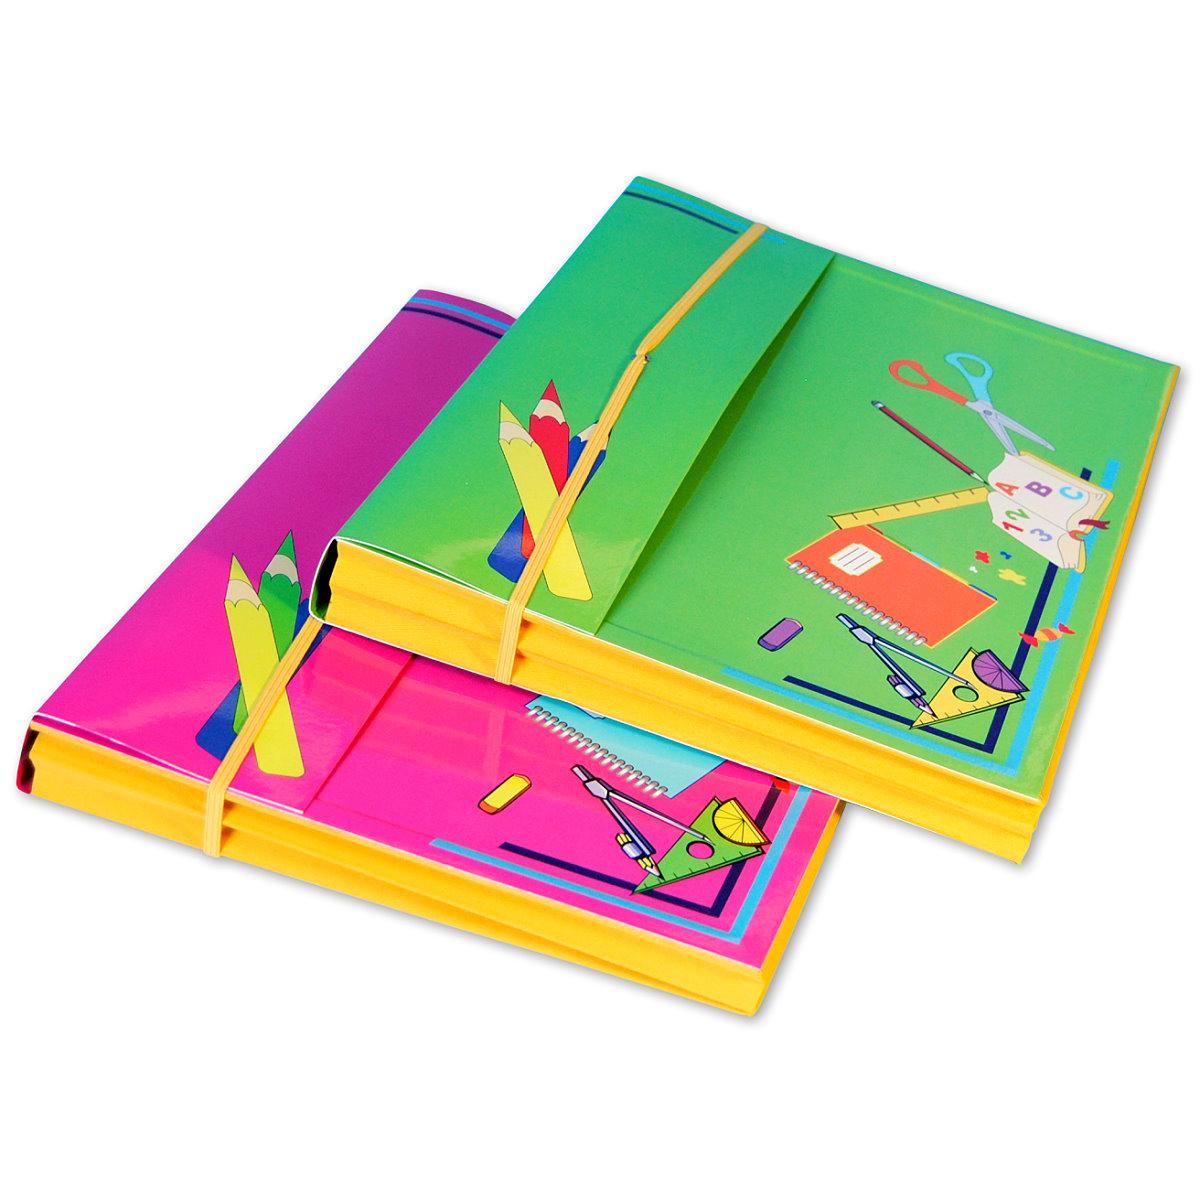 Heftbox mit Harmonikafunktion in 2 trendigen Farben, 55472 Image